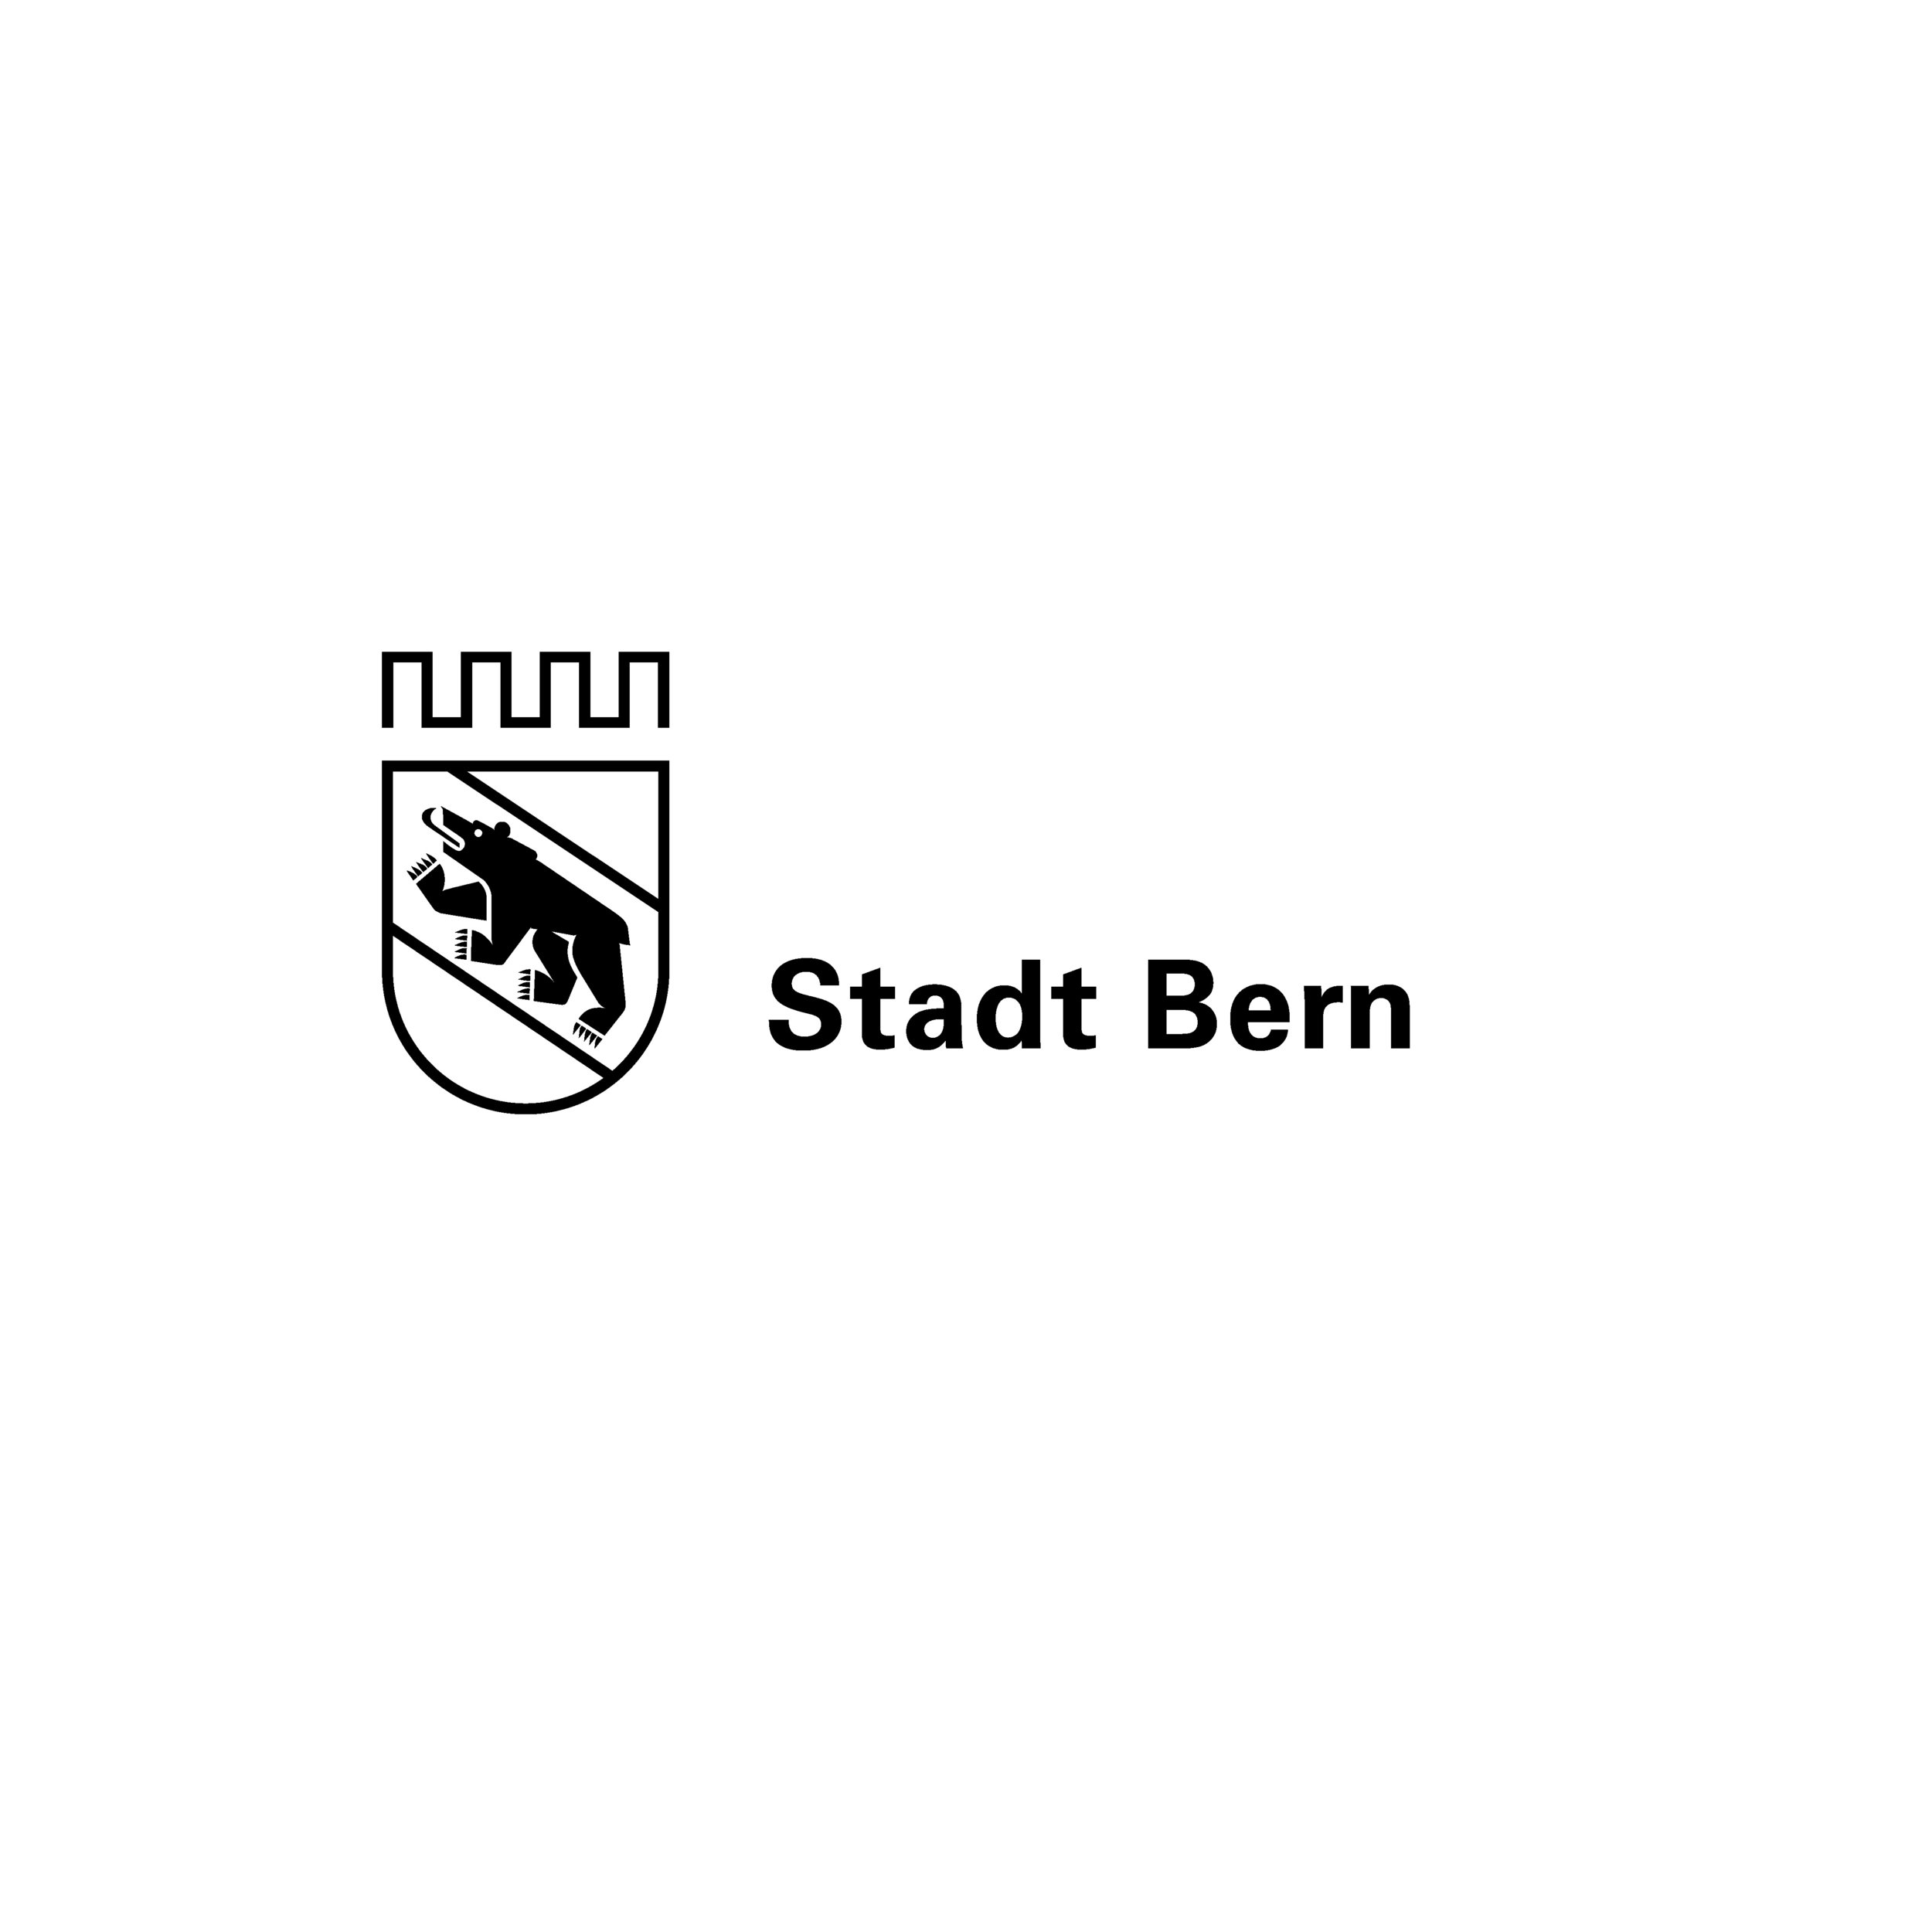 logo_stadt_bern (1).jpg